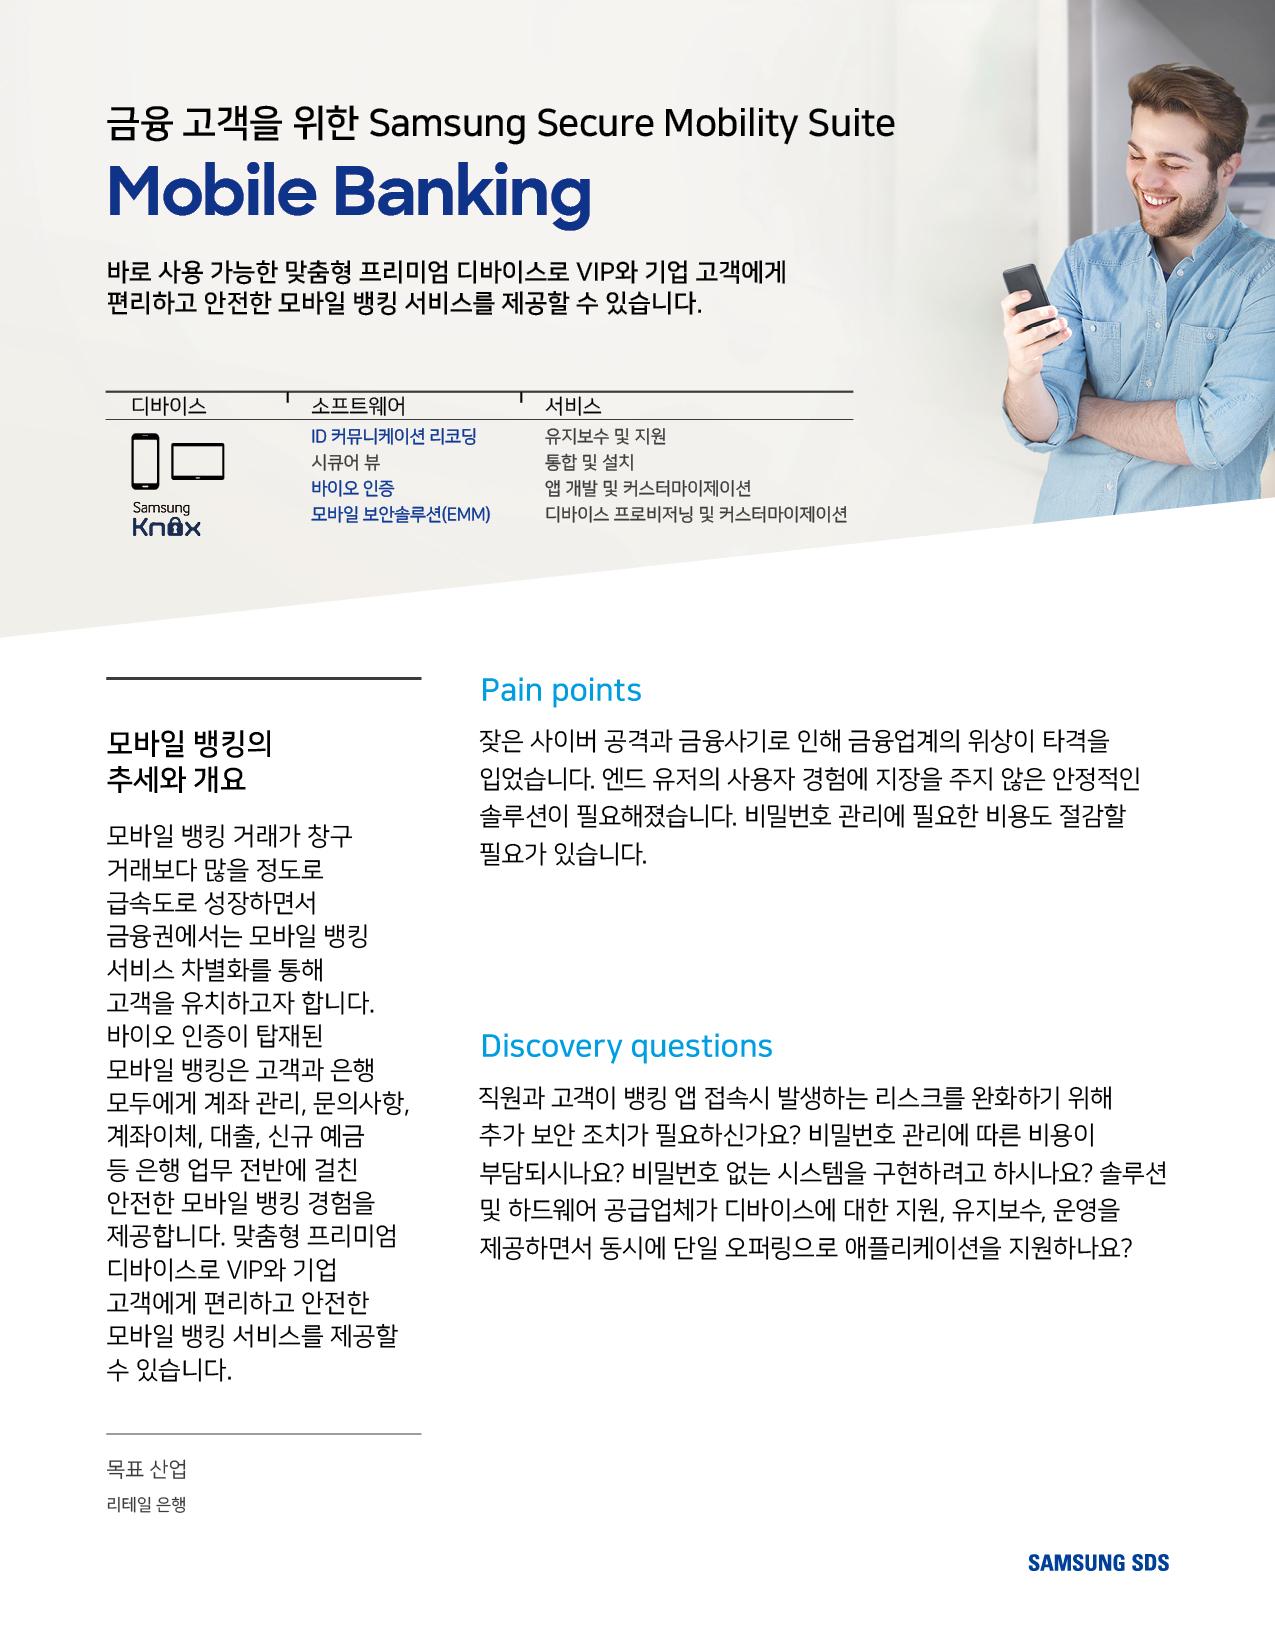 금융 고객을 위한 모바일 뱅킹 솔루션 1